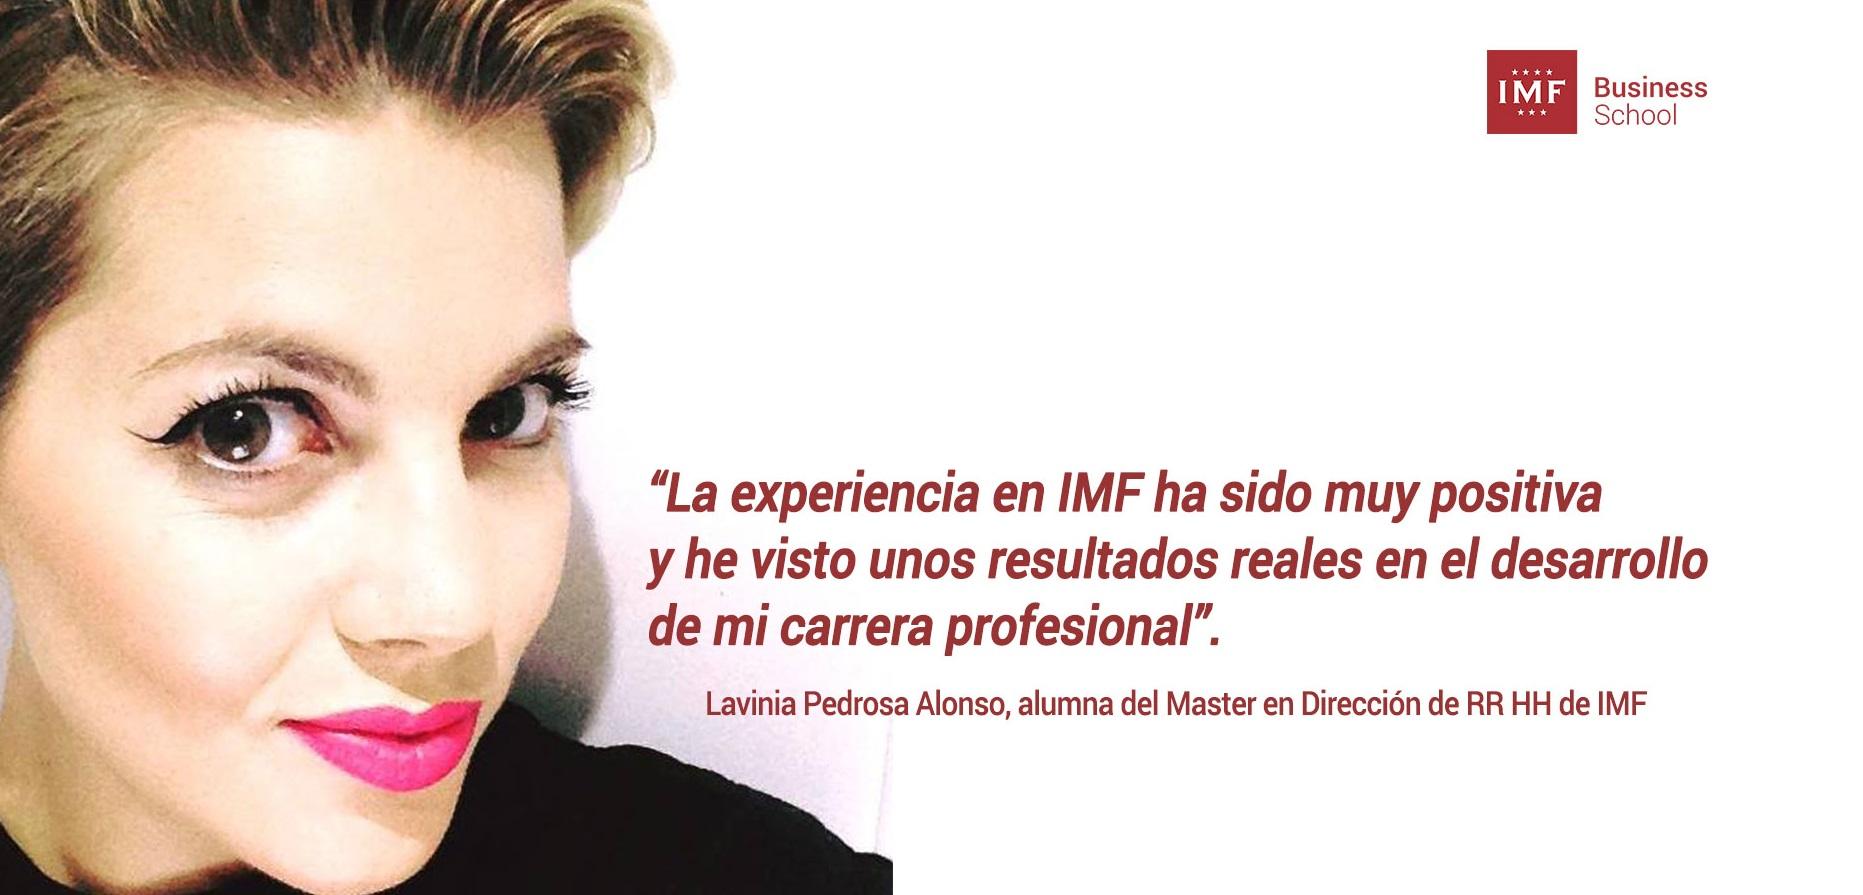 alumna-imf-2 Entrevista Alumni: Lavinia Pedrosa, alumna del Master en RRHH